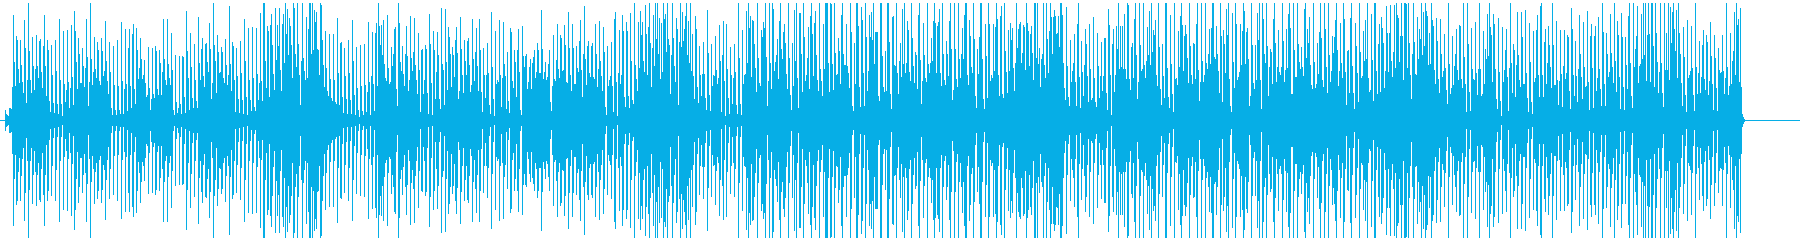 何かに追いかけられるようなジャズブルースの再生済みの波形